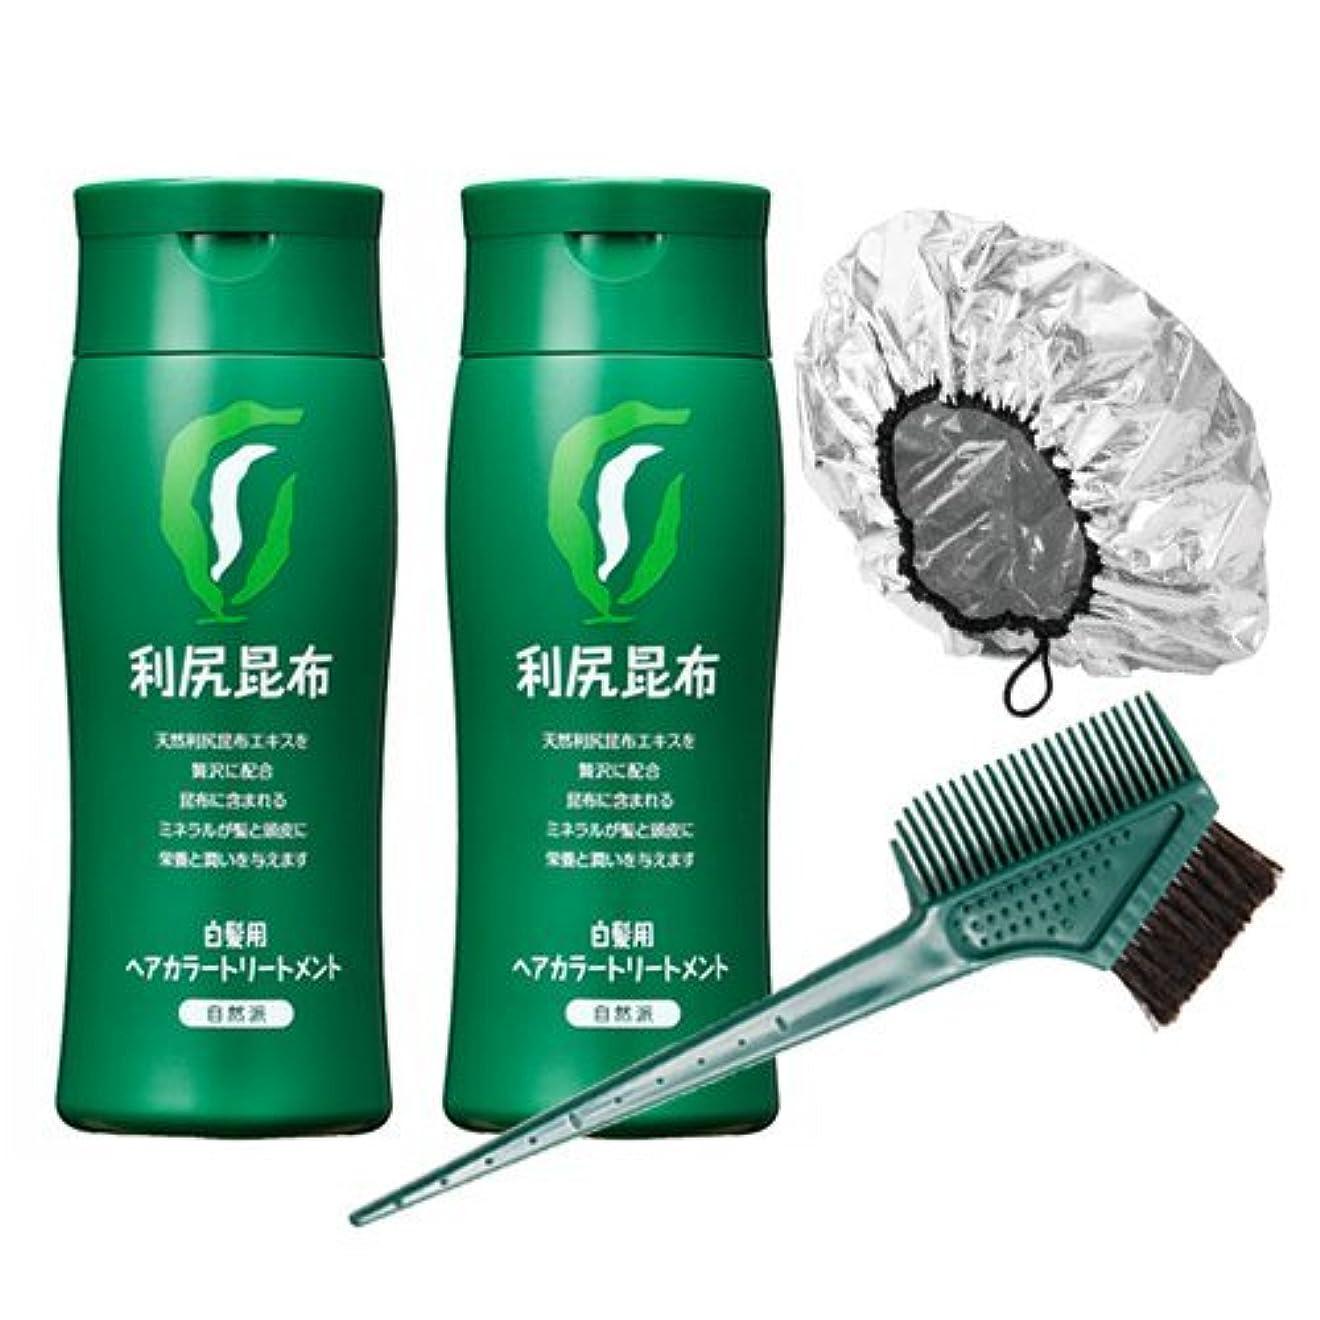 経験者存在ブラシ利尻ヘアカラートリートメント白髪染め 200g×2本(ブラック)&馬毛100%毛染めブラシ&専用キャップセット